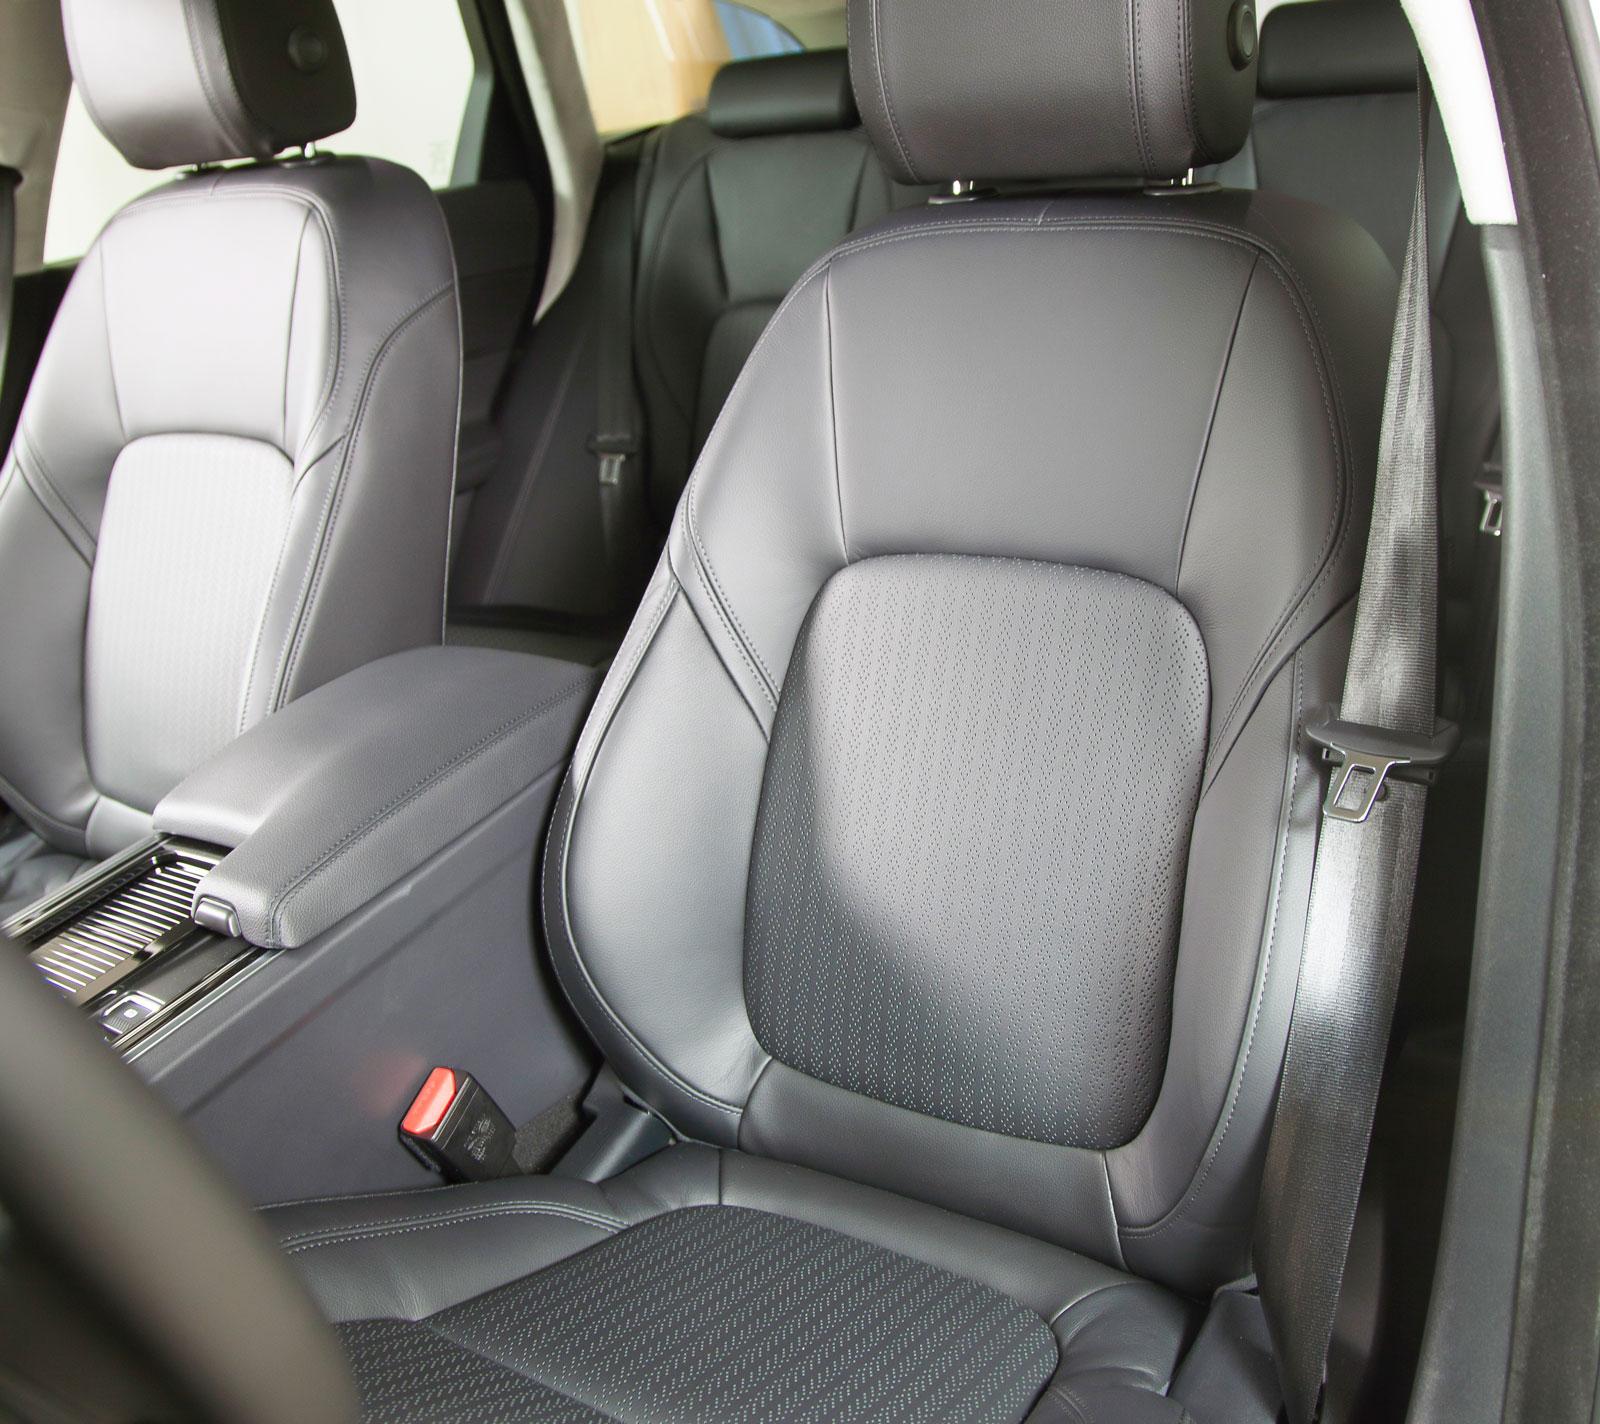 Eljusterbara stolar och läderklädsel är standard i XF. Ryggstöden är en smula korta för långa förare.